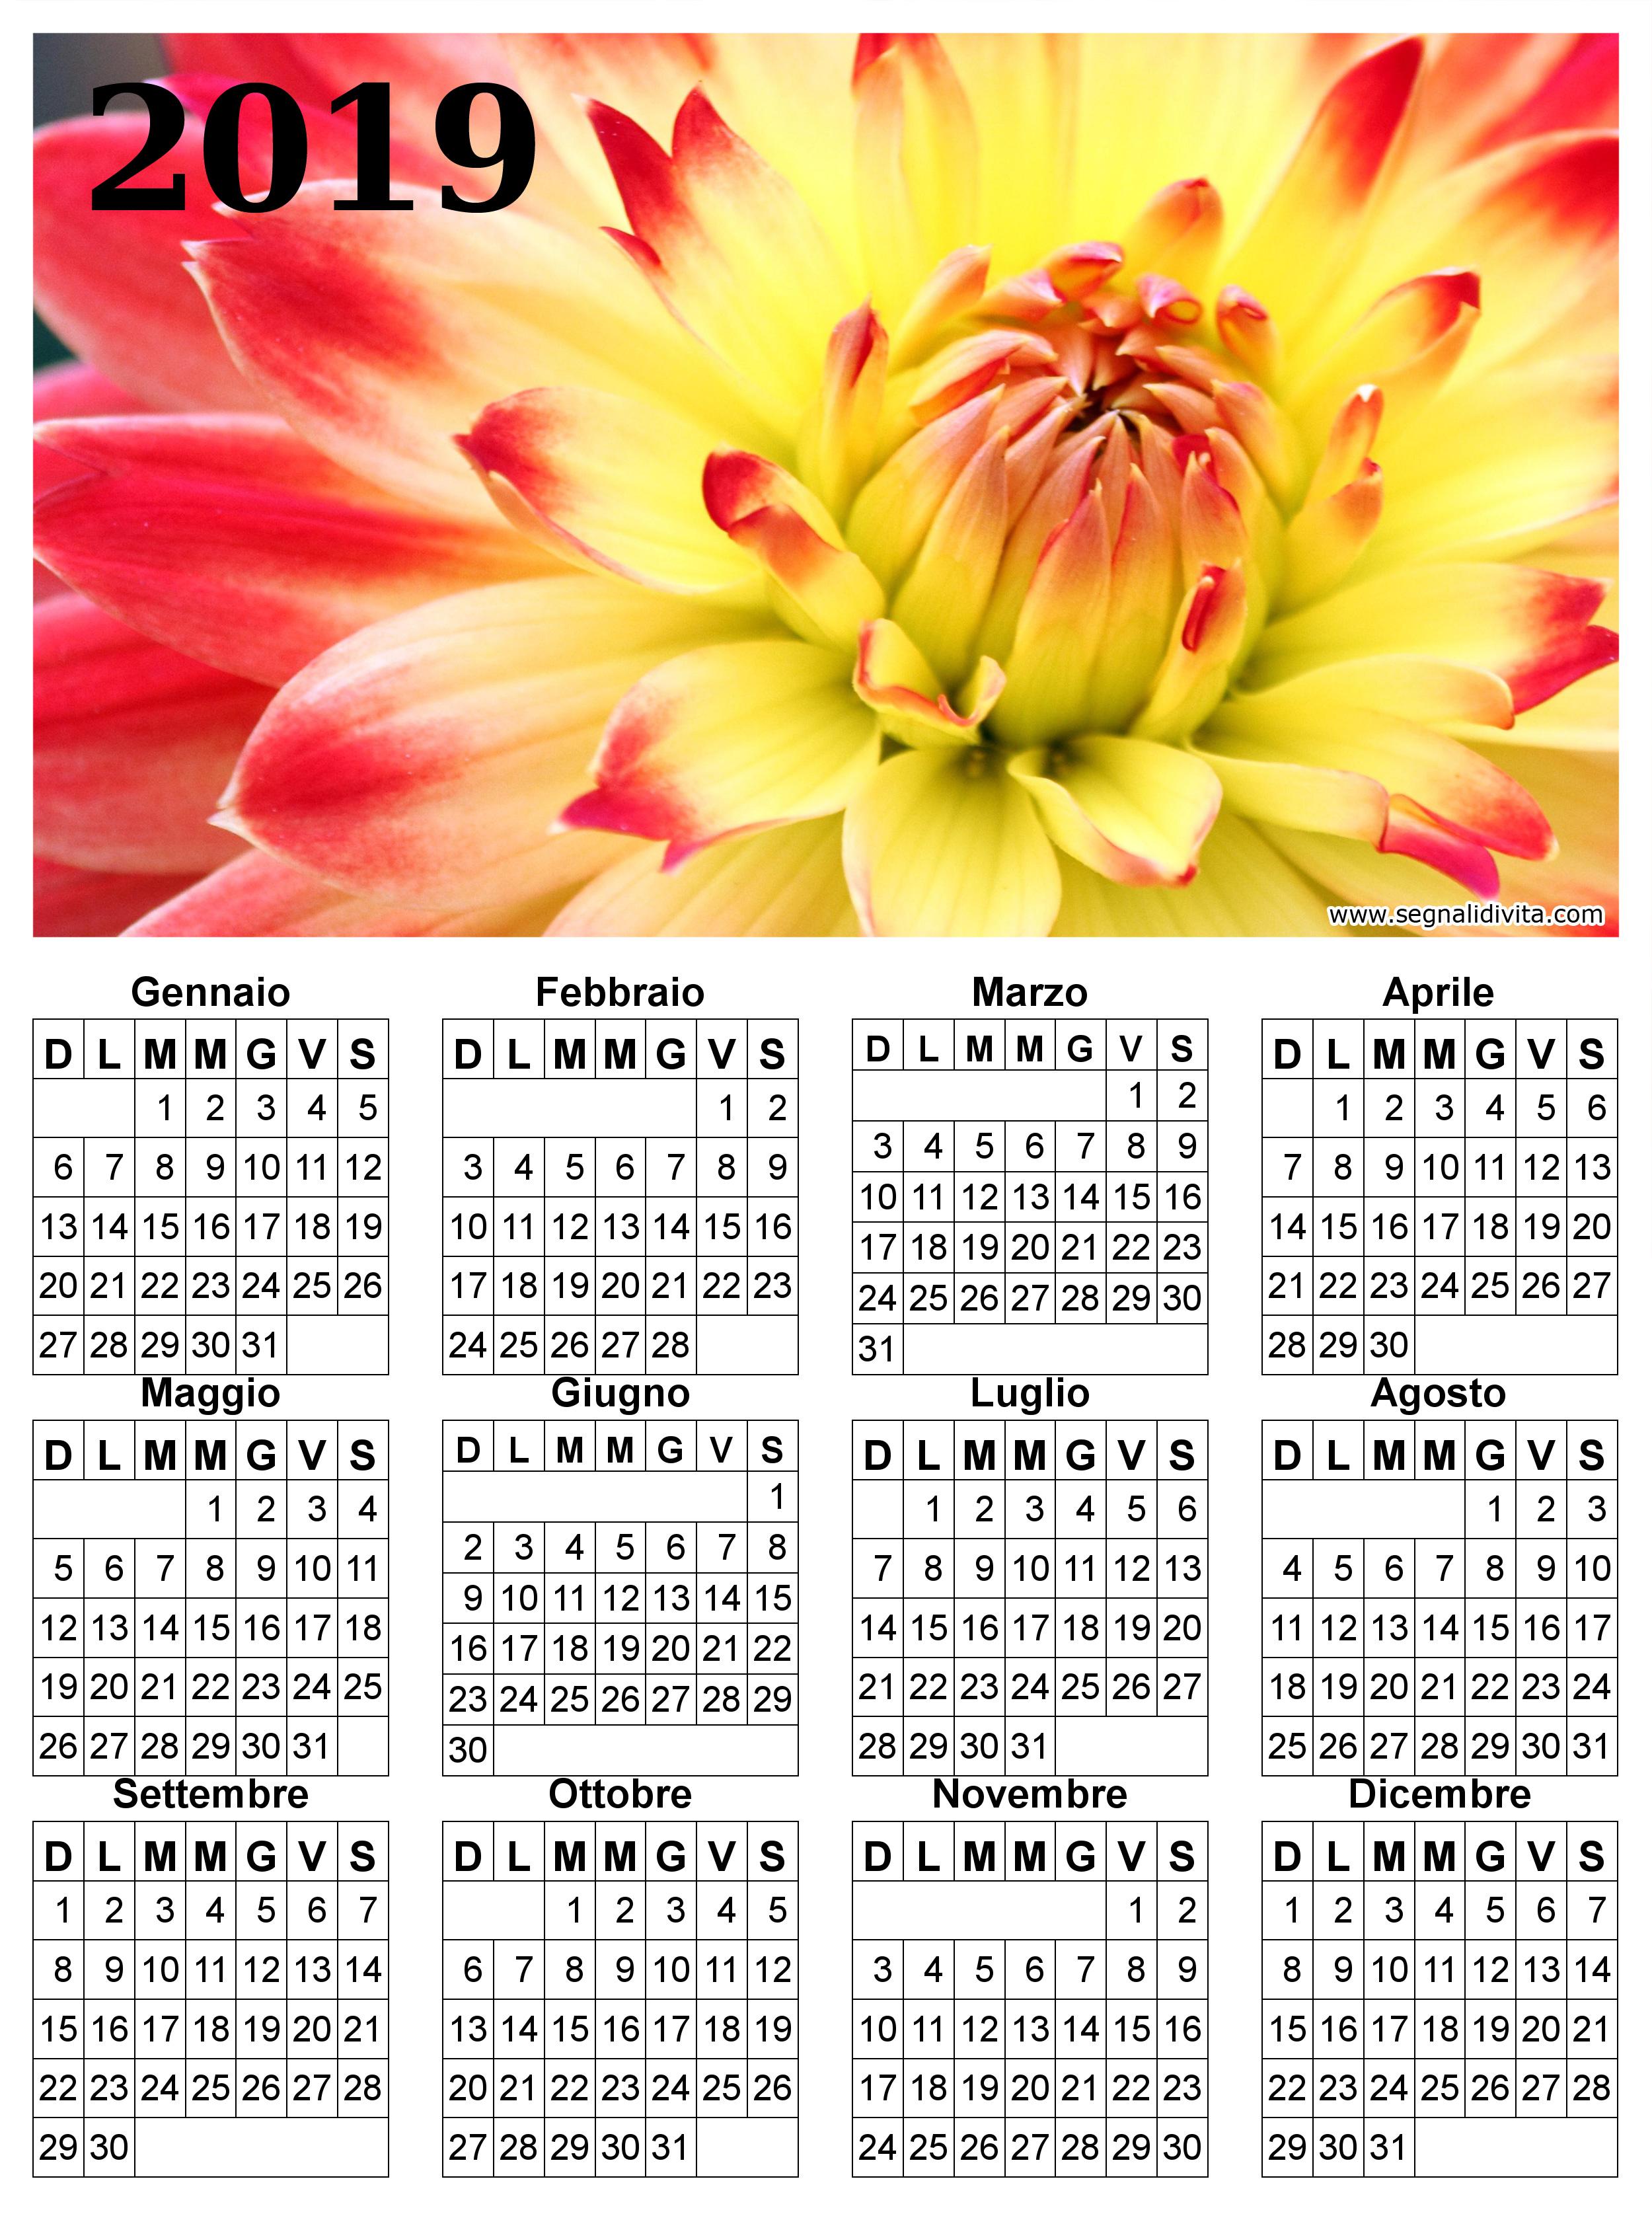 Calendario con fiore del 2019